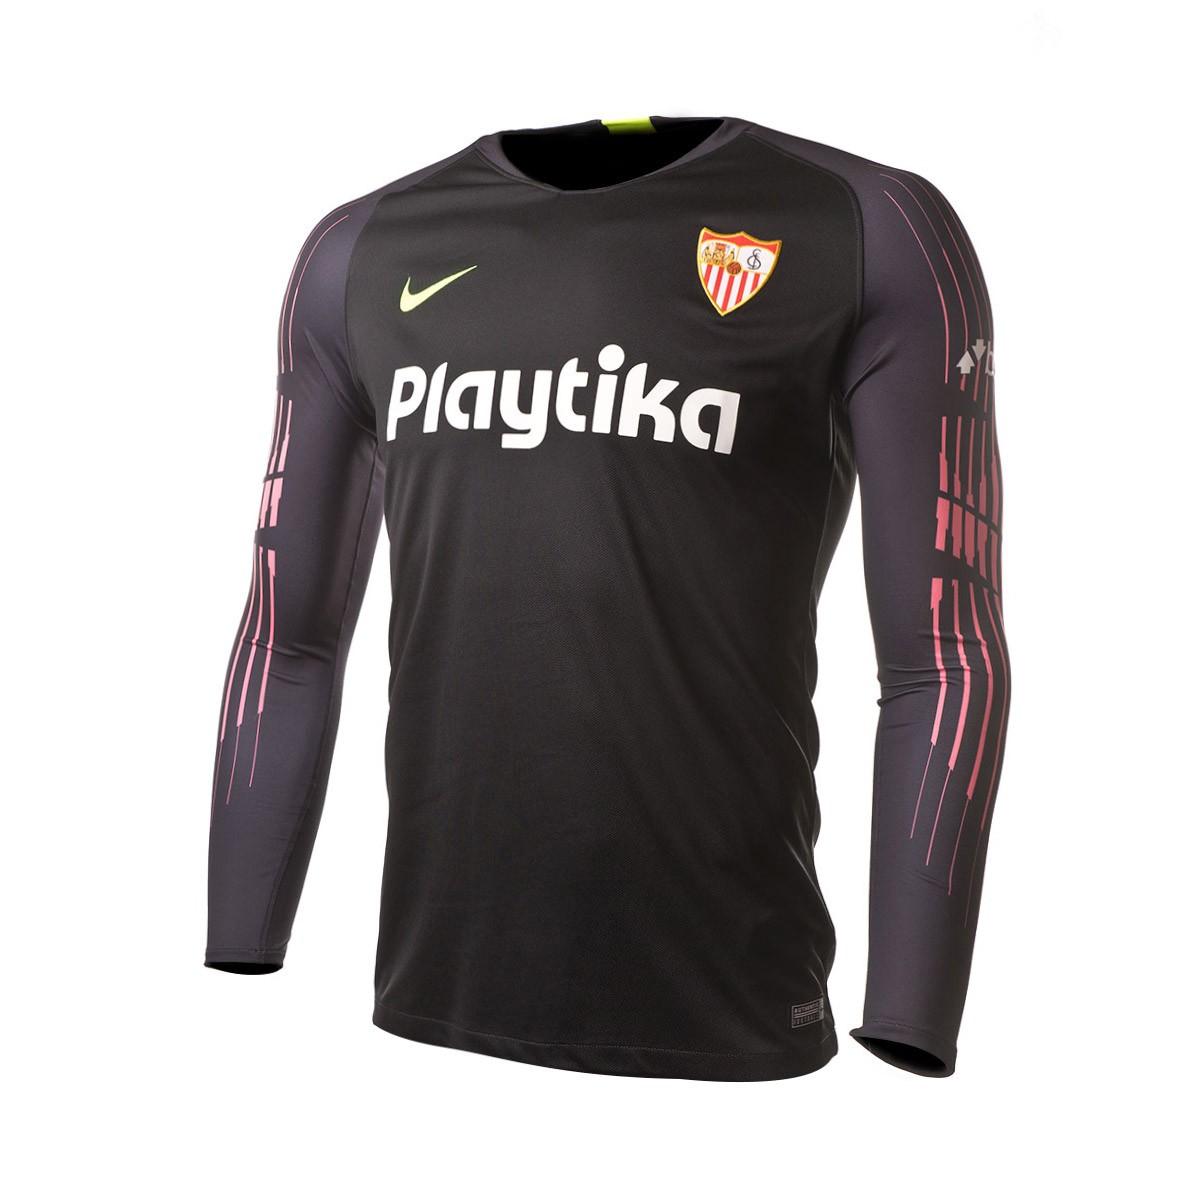 2881ff26f83db Camiseta Nike Sevilla FC Primera Equipación Portero 2018-2019 Black -  Tienda de fútbol Fútbol Emotion